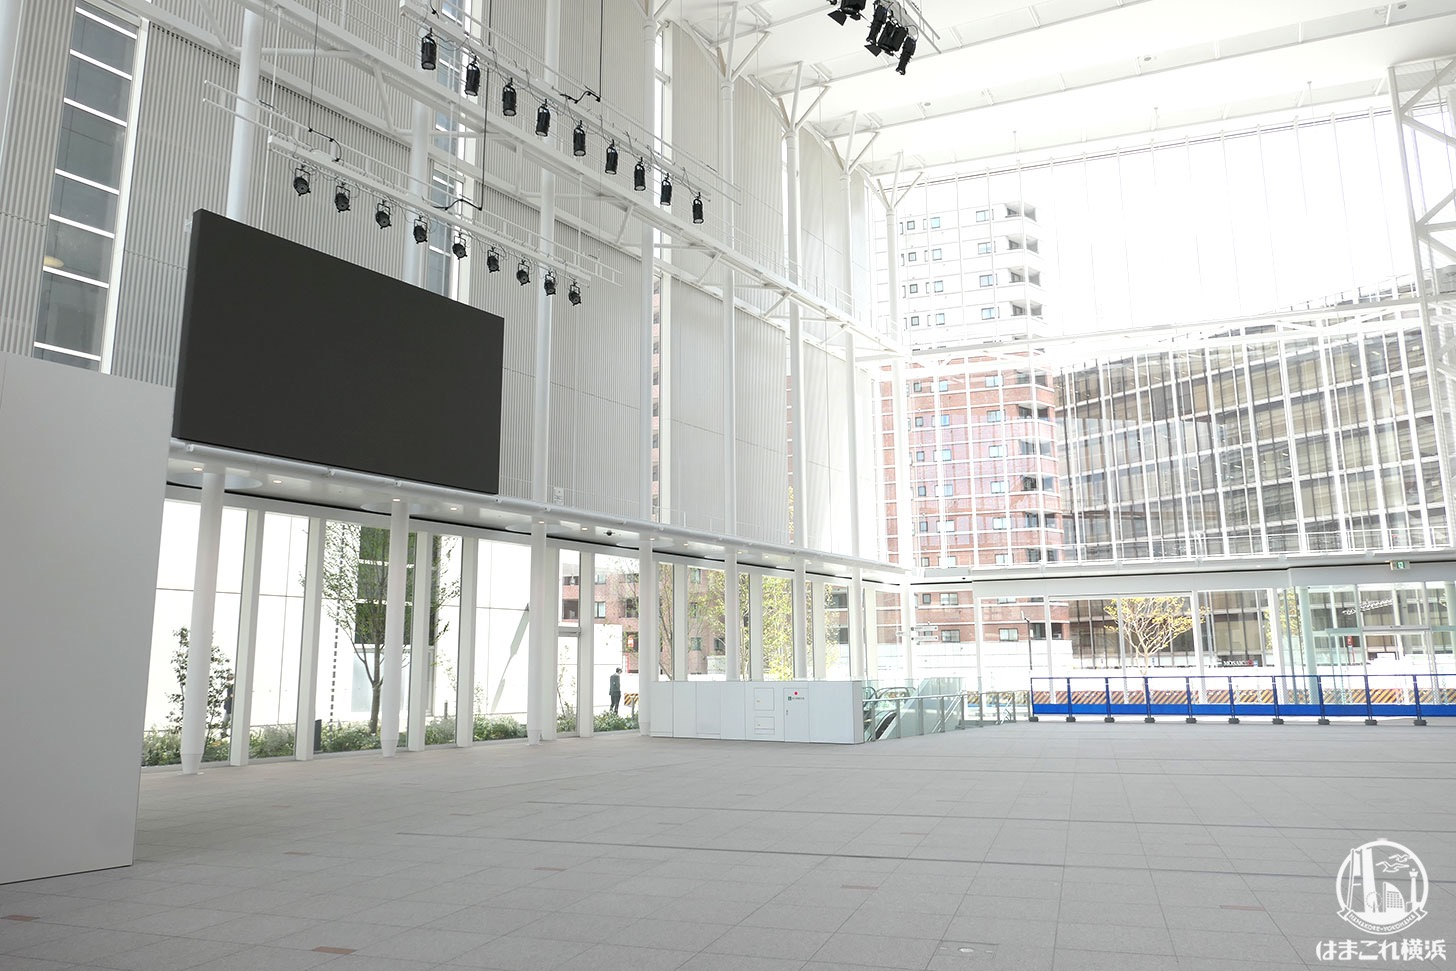 横浜市新市庁舎 アトリウム